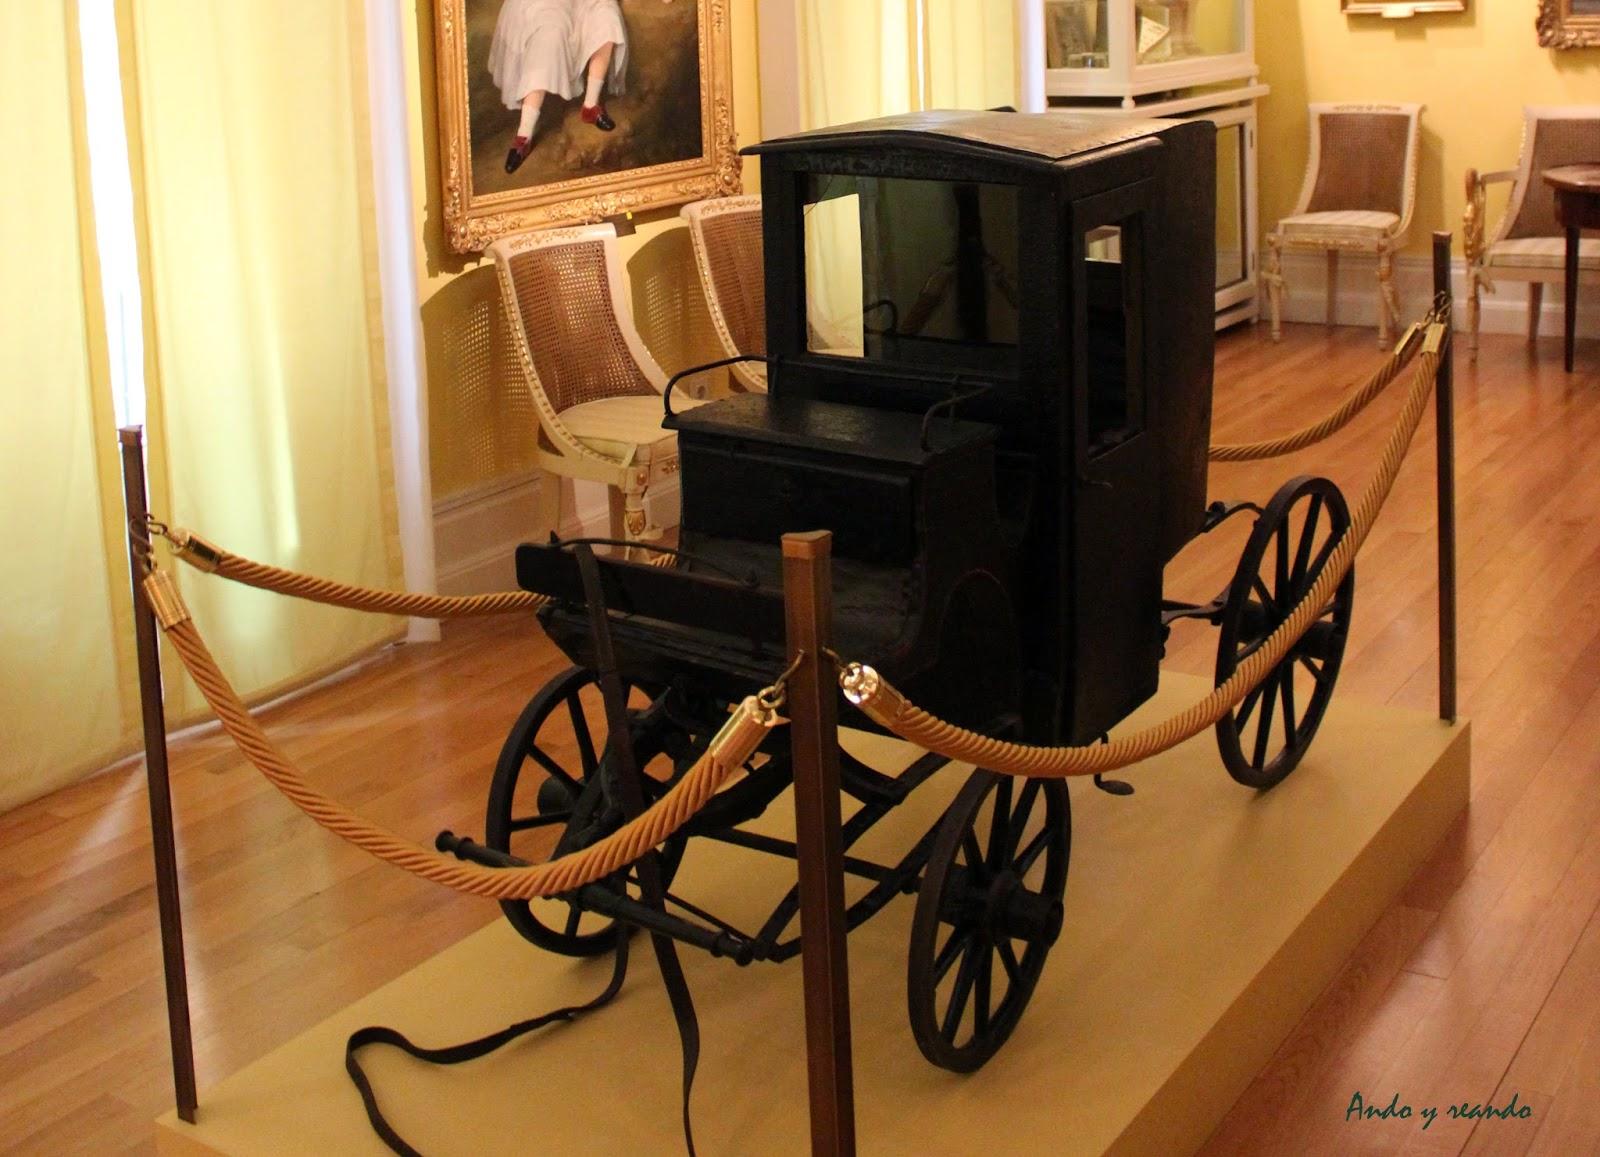 Juguetes del Museo del Romanticismo